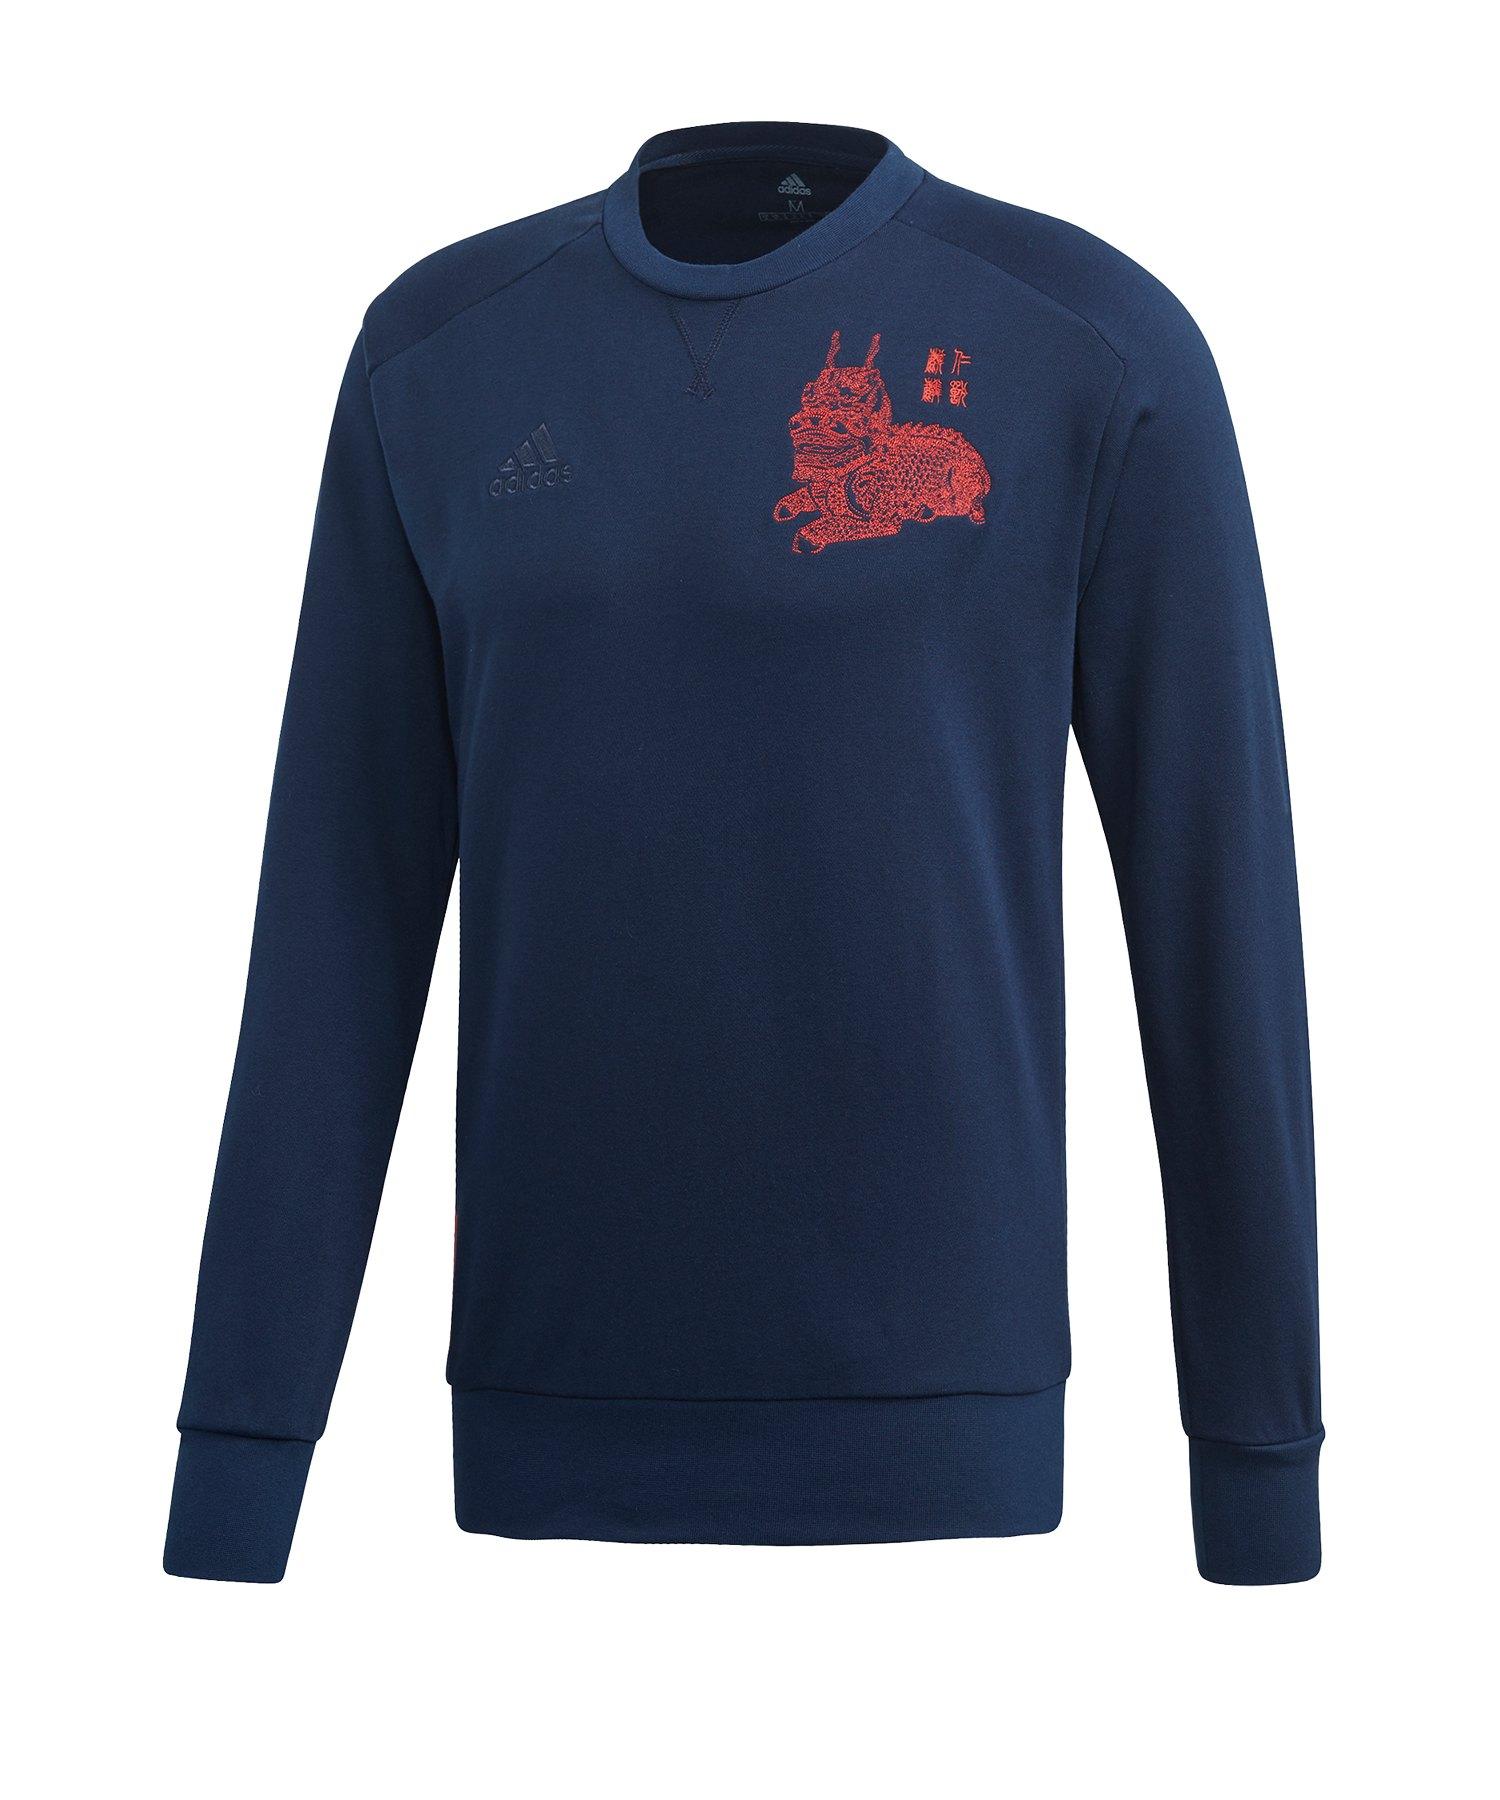 adidas FC Bayern München CNY Sweater Blau - blau